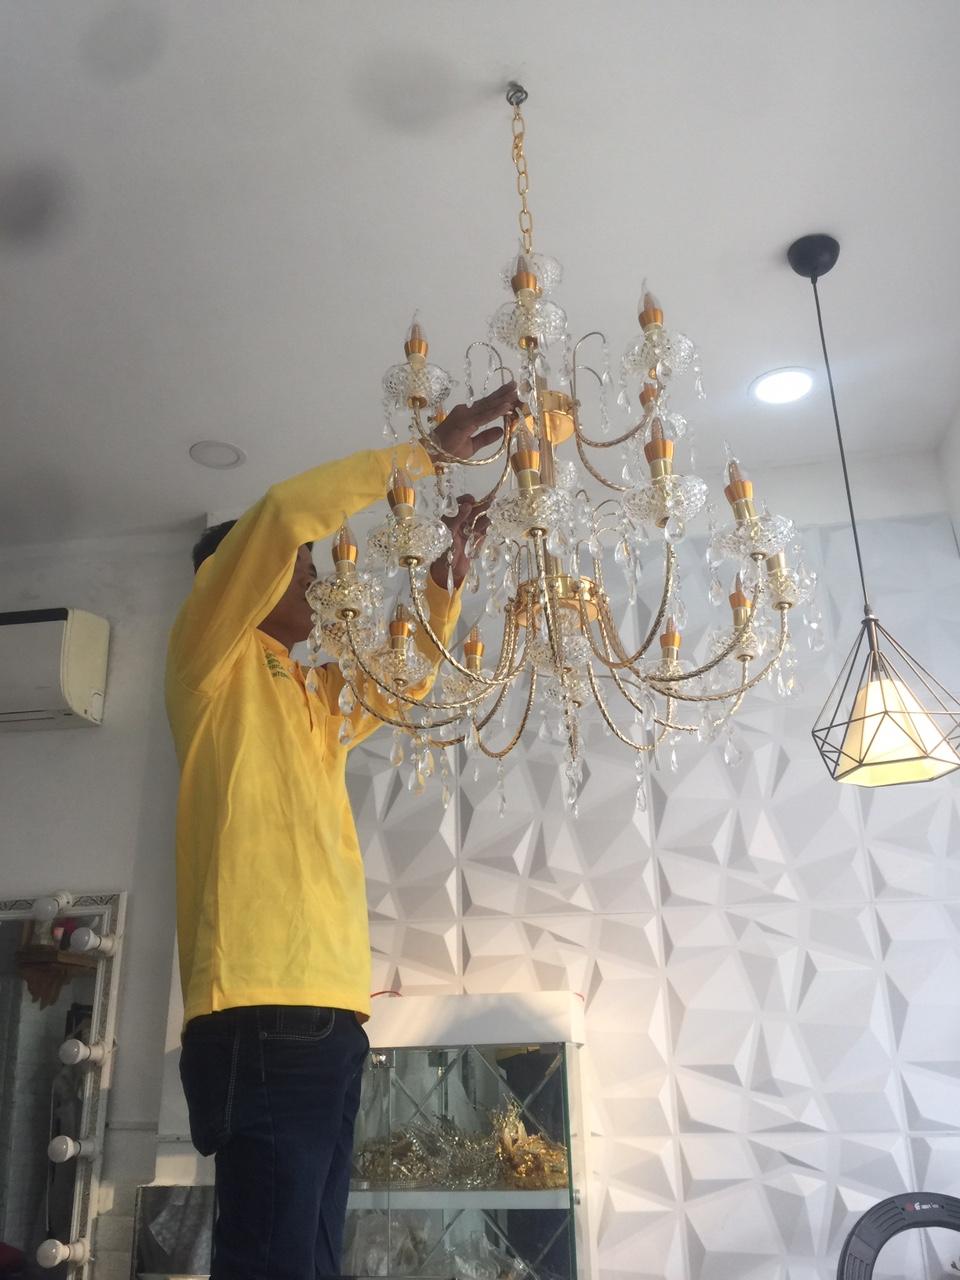 Thợ chuyên lắp đèn led, đèn trang trí, đèn chùm